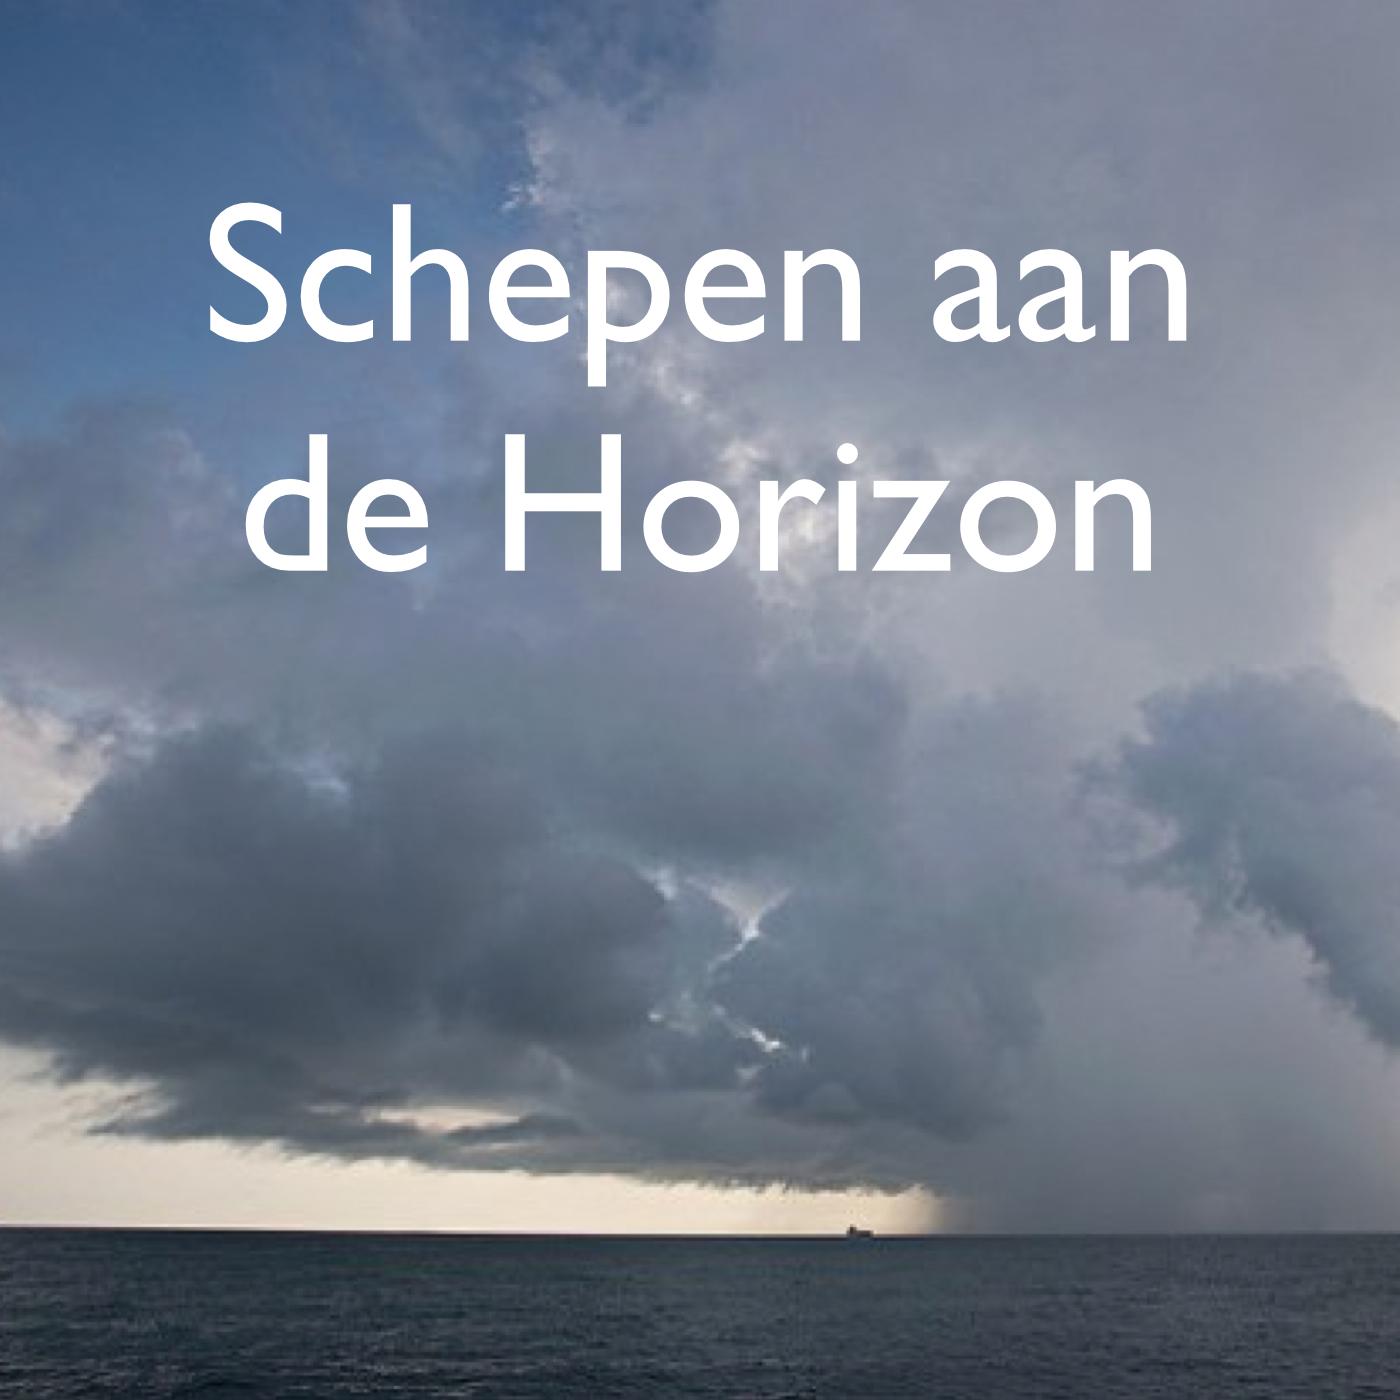 Schepen aan de Horizon